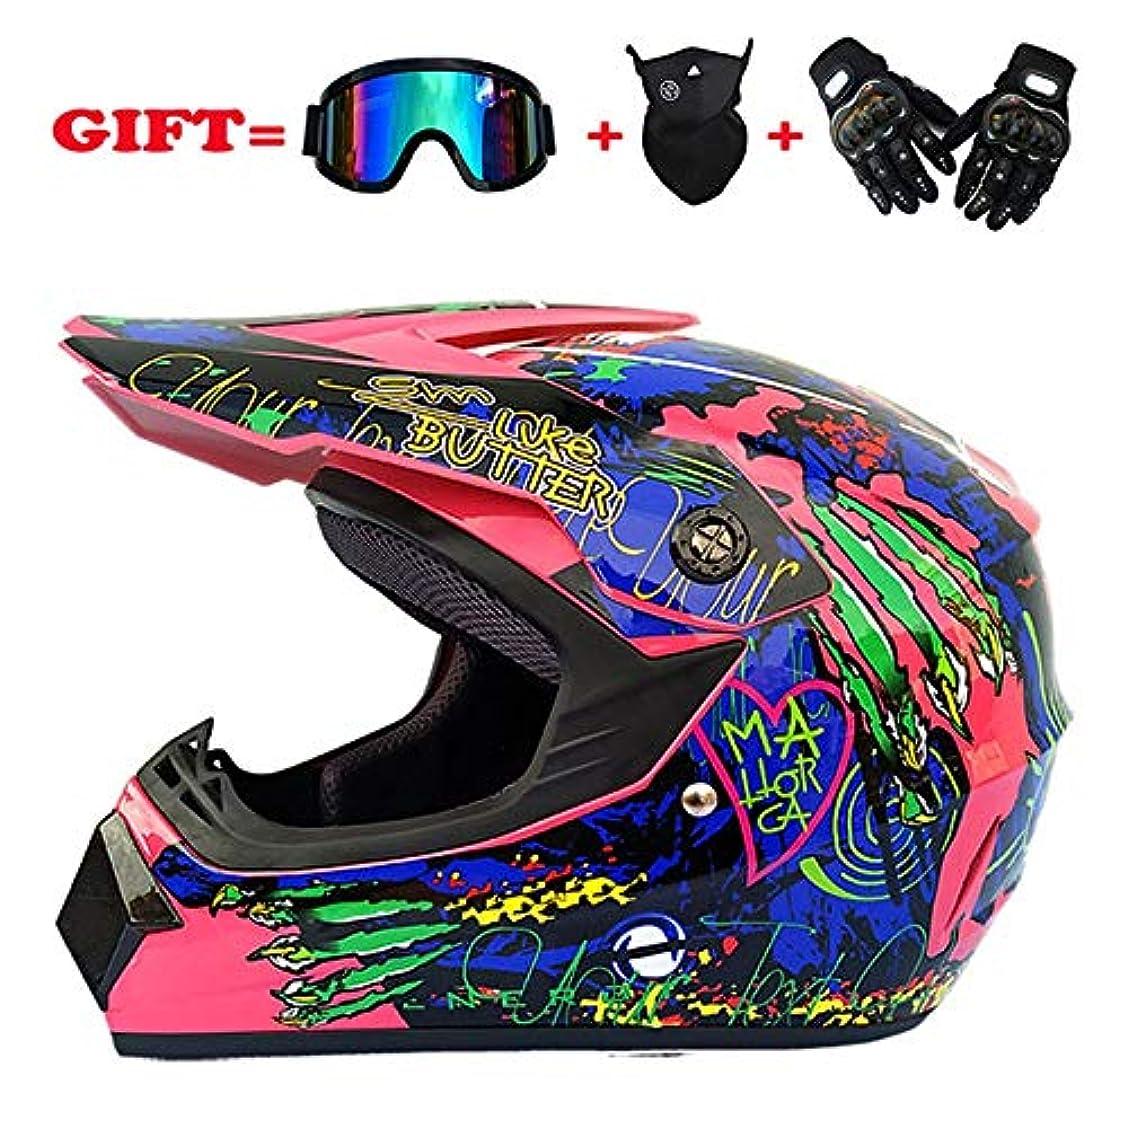 利益付けるによってSafety フルフェイスモトクロスヘルメットロードオフロードレーシングヘルメット防風ハーフマスクとハードシェル乗馬用手袋 - 大 (Size : XXL)